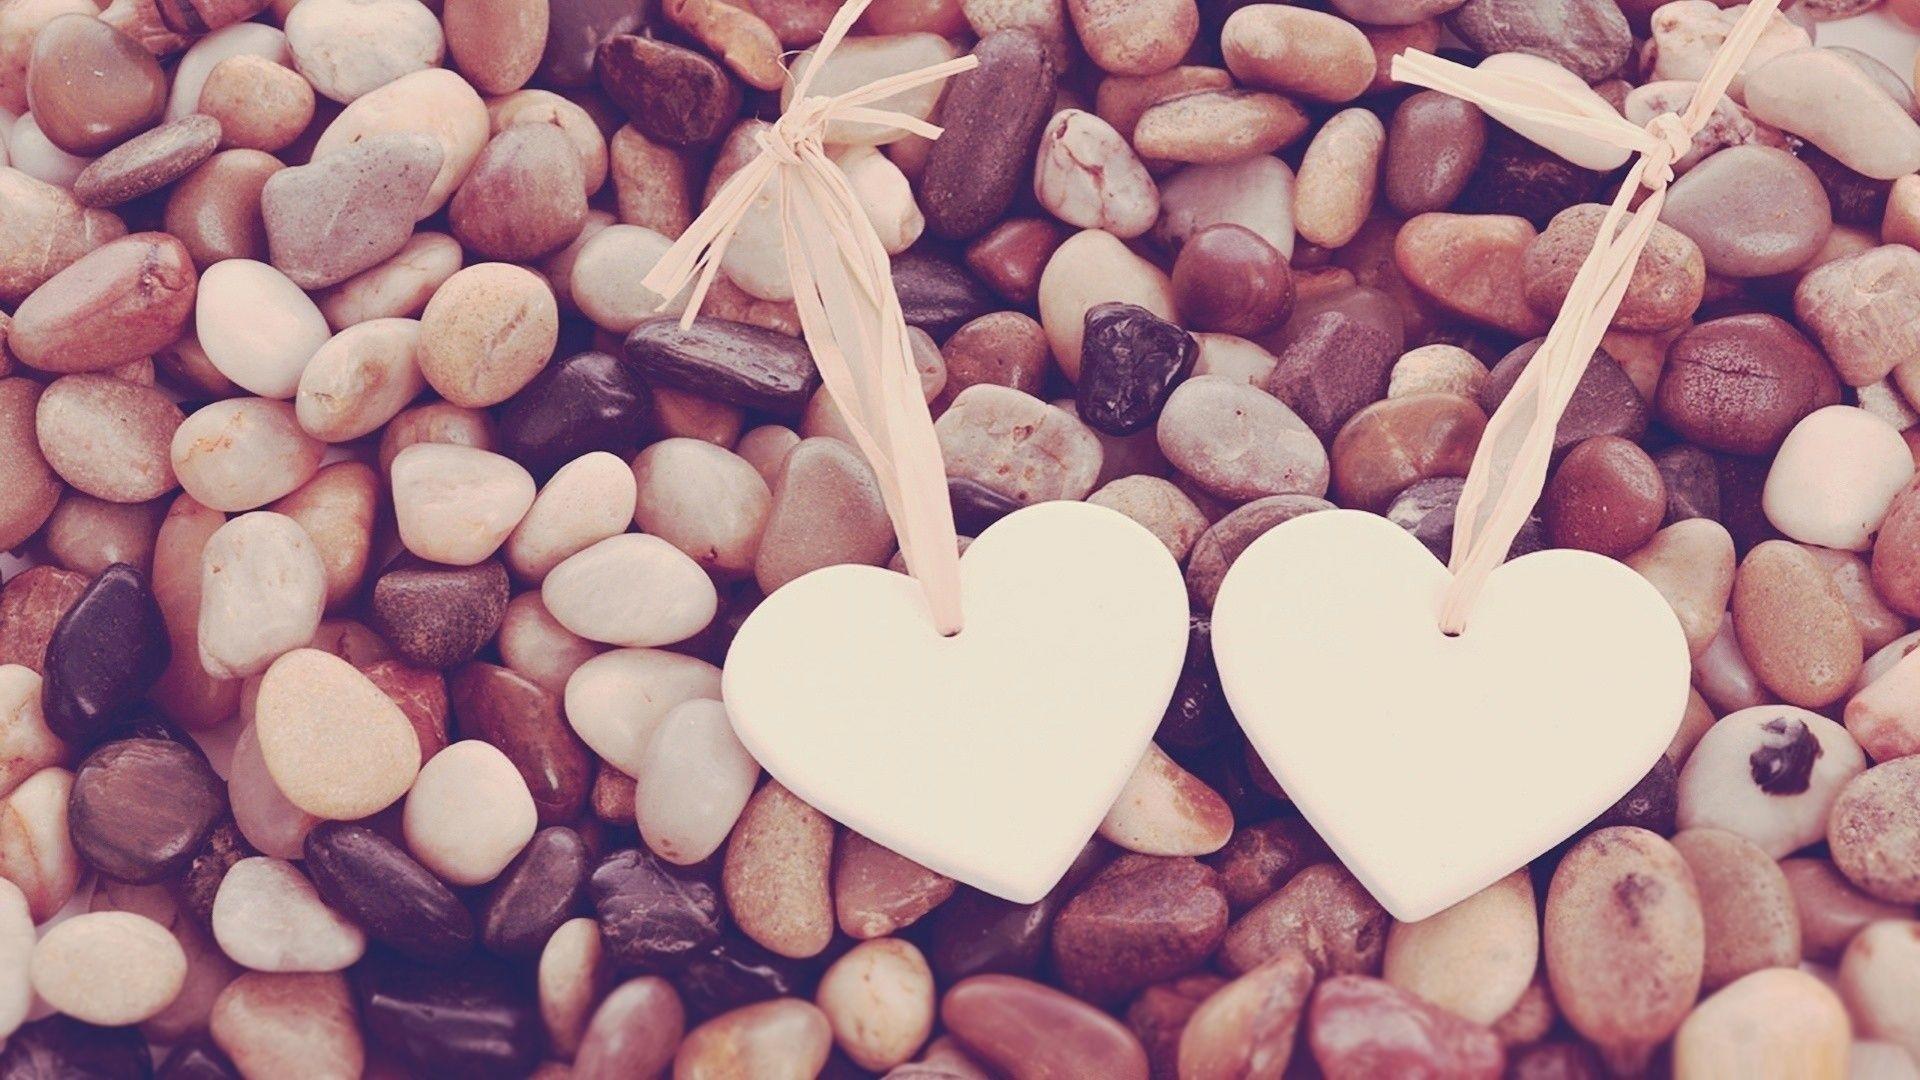 Heart Aesthetic Image